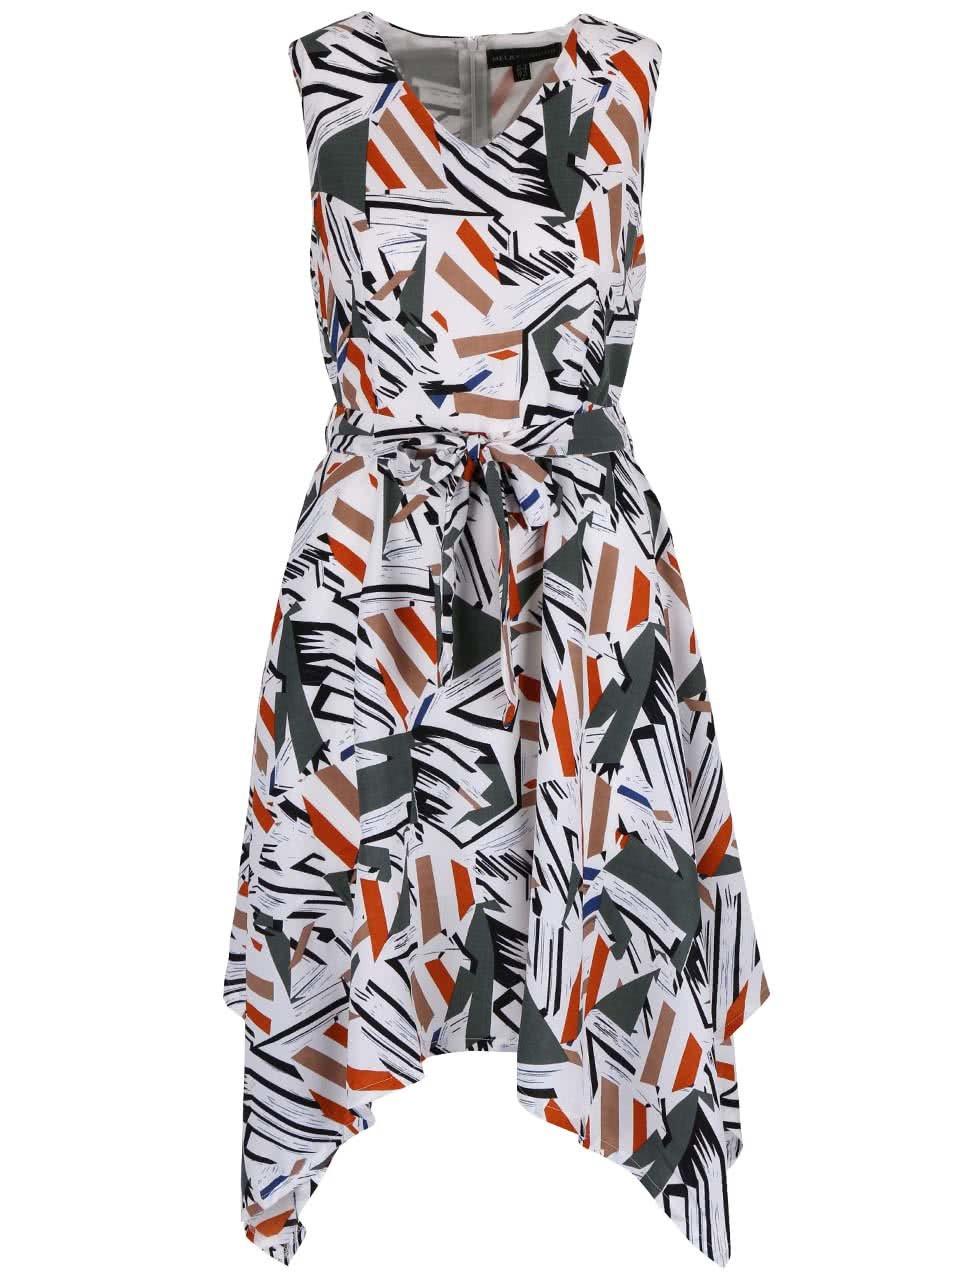 Krémové vzorované šaty s predĺženými cipmi Mela london ... adc67a86969